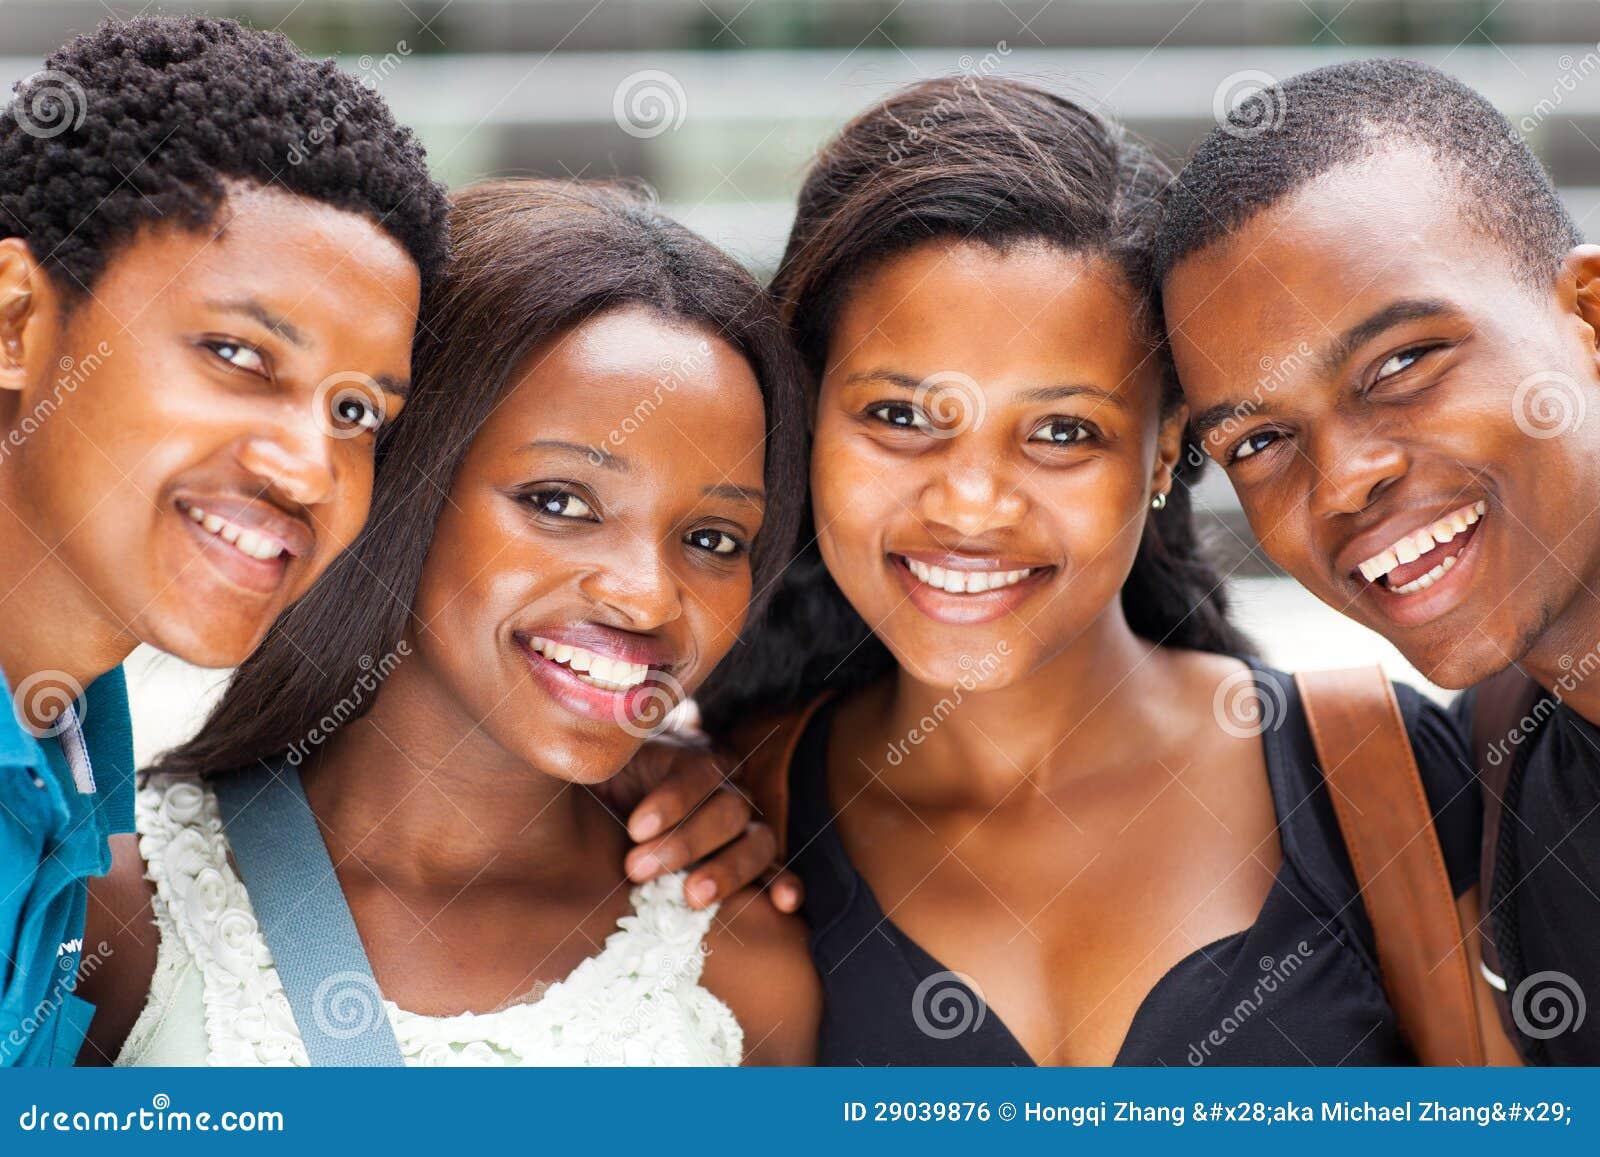 Фото крупным планом негритянкой 13 фотография